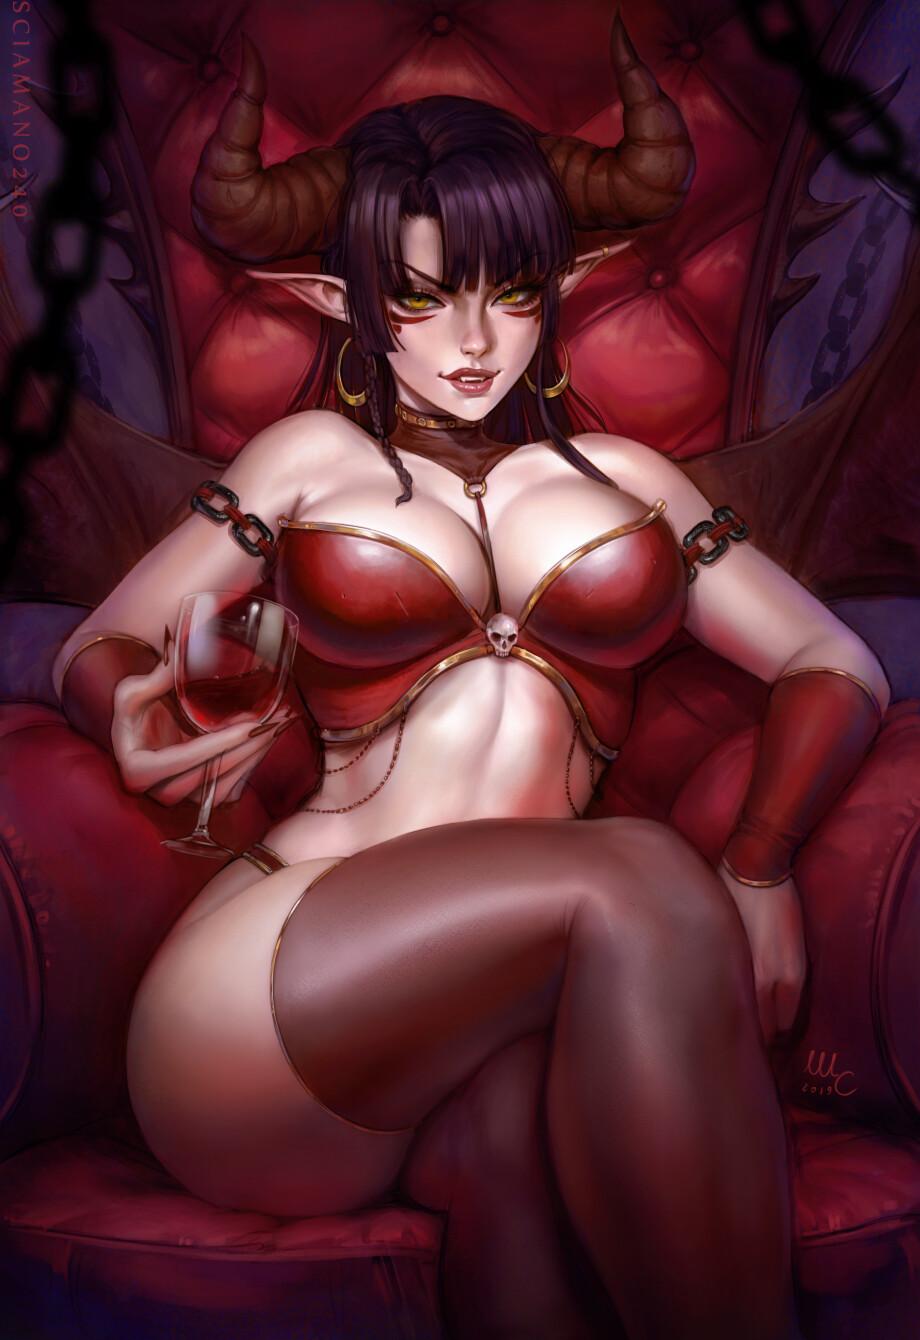 Alguém aqui já sonhou com Demônios ? Mirco-cabbia-sciamano240-halloween-valerie-2-3